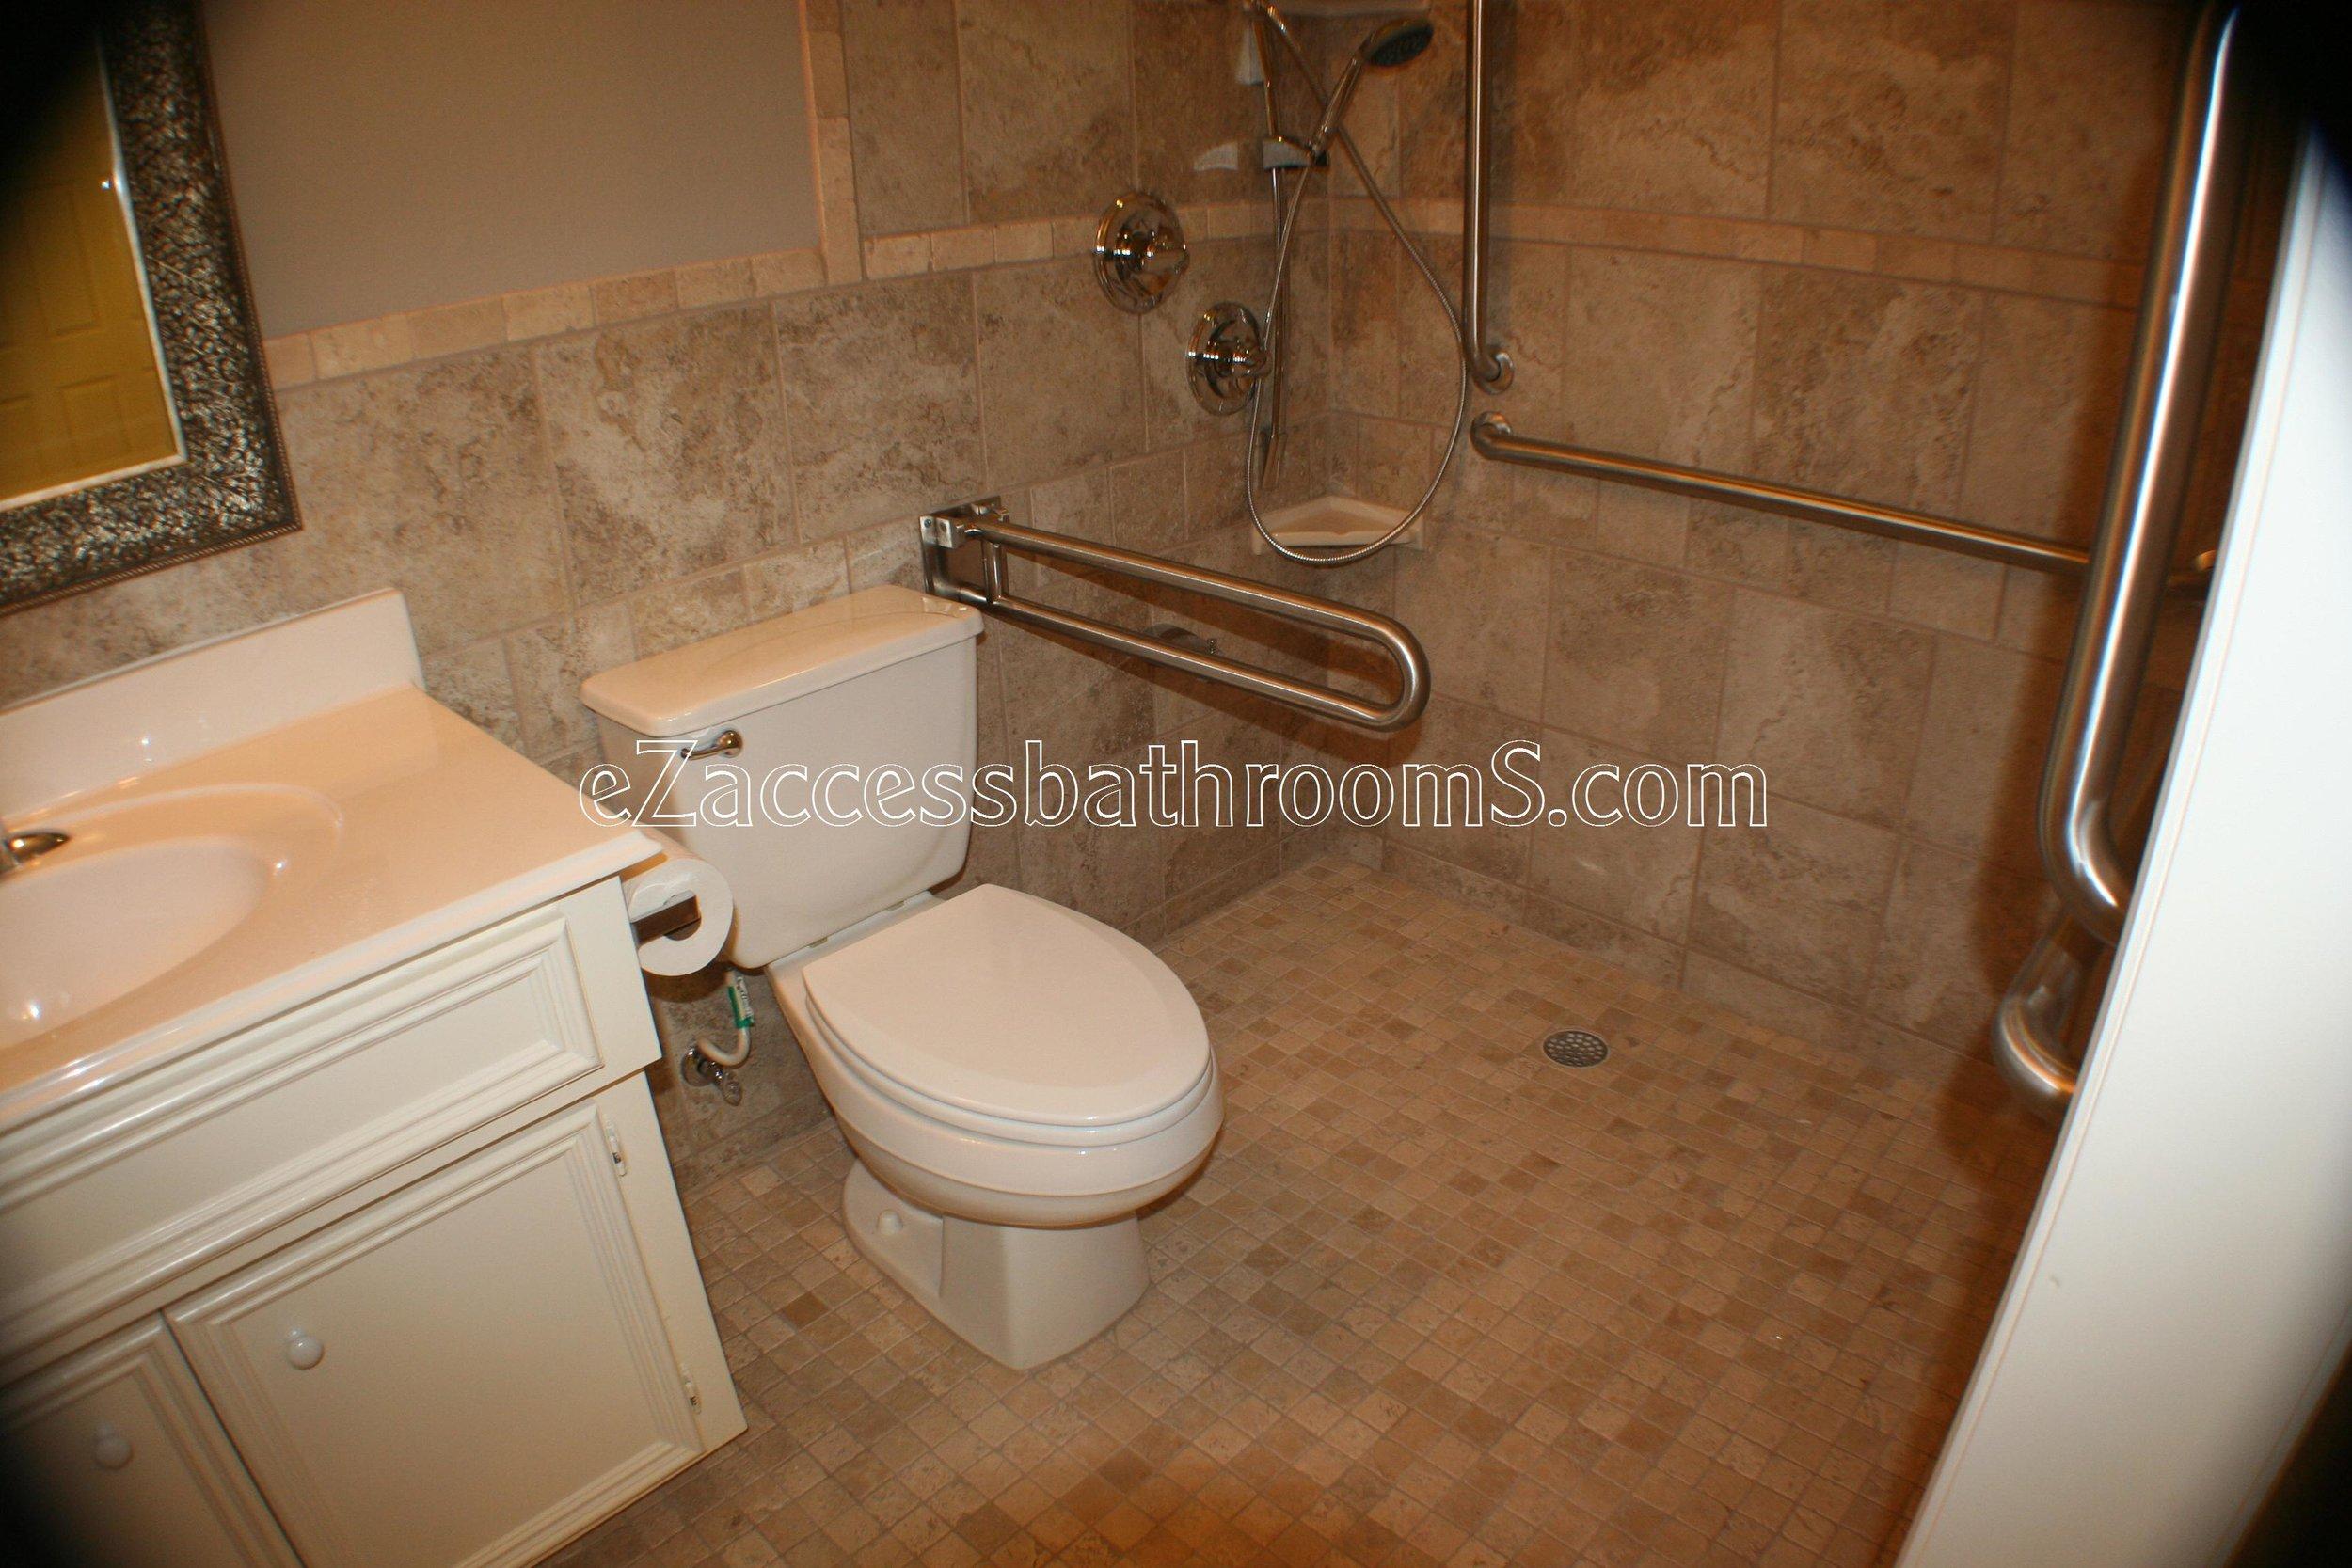 handicap bathroom 01 ezacessbathrooms.com 010.jpg